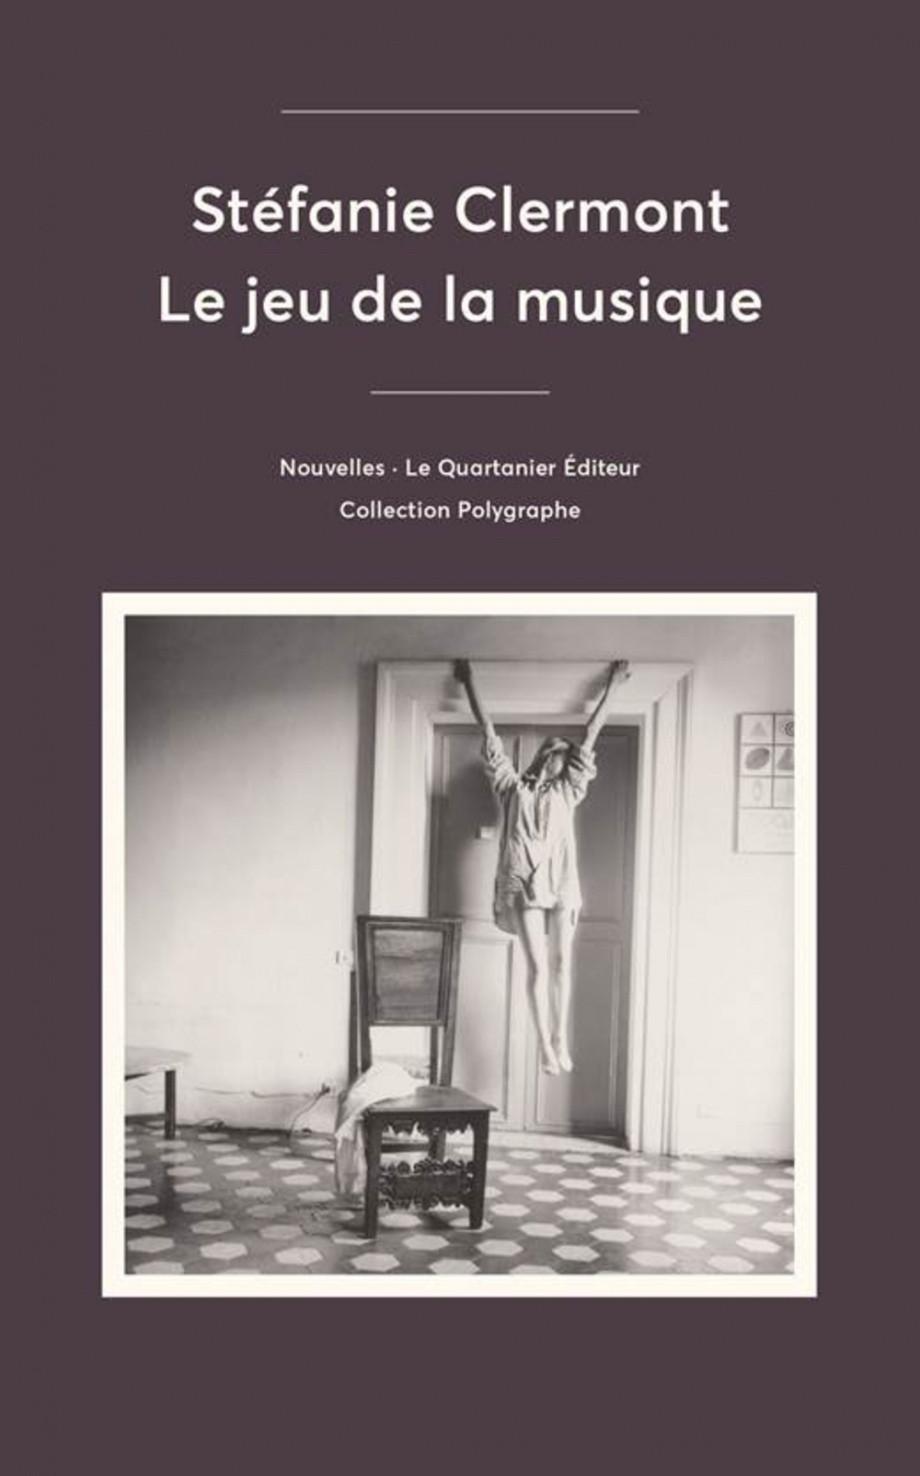 Le jeu de la musique, page couverture